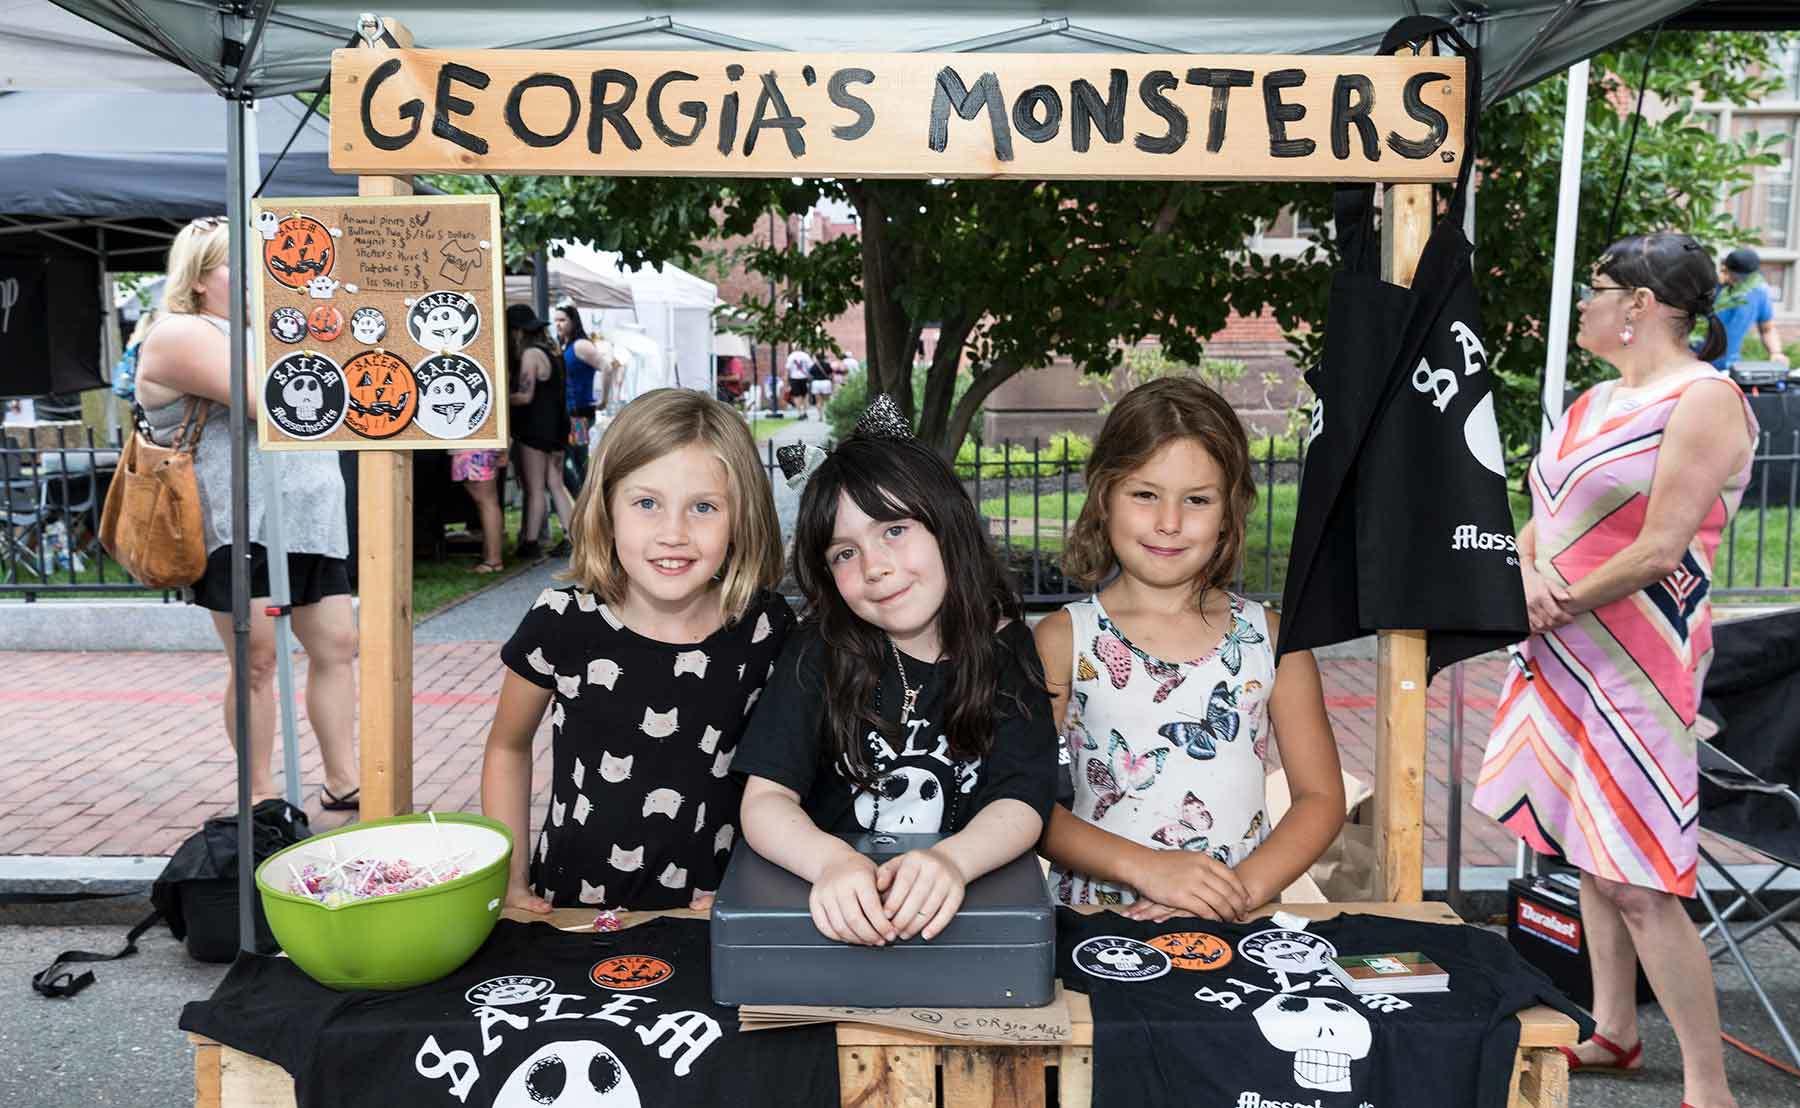 georgias monsters